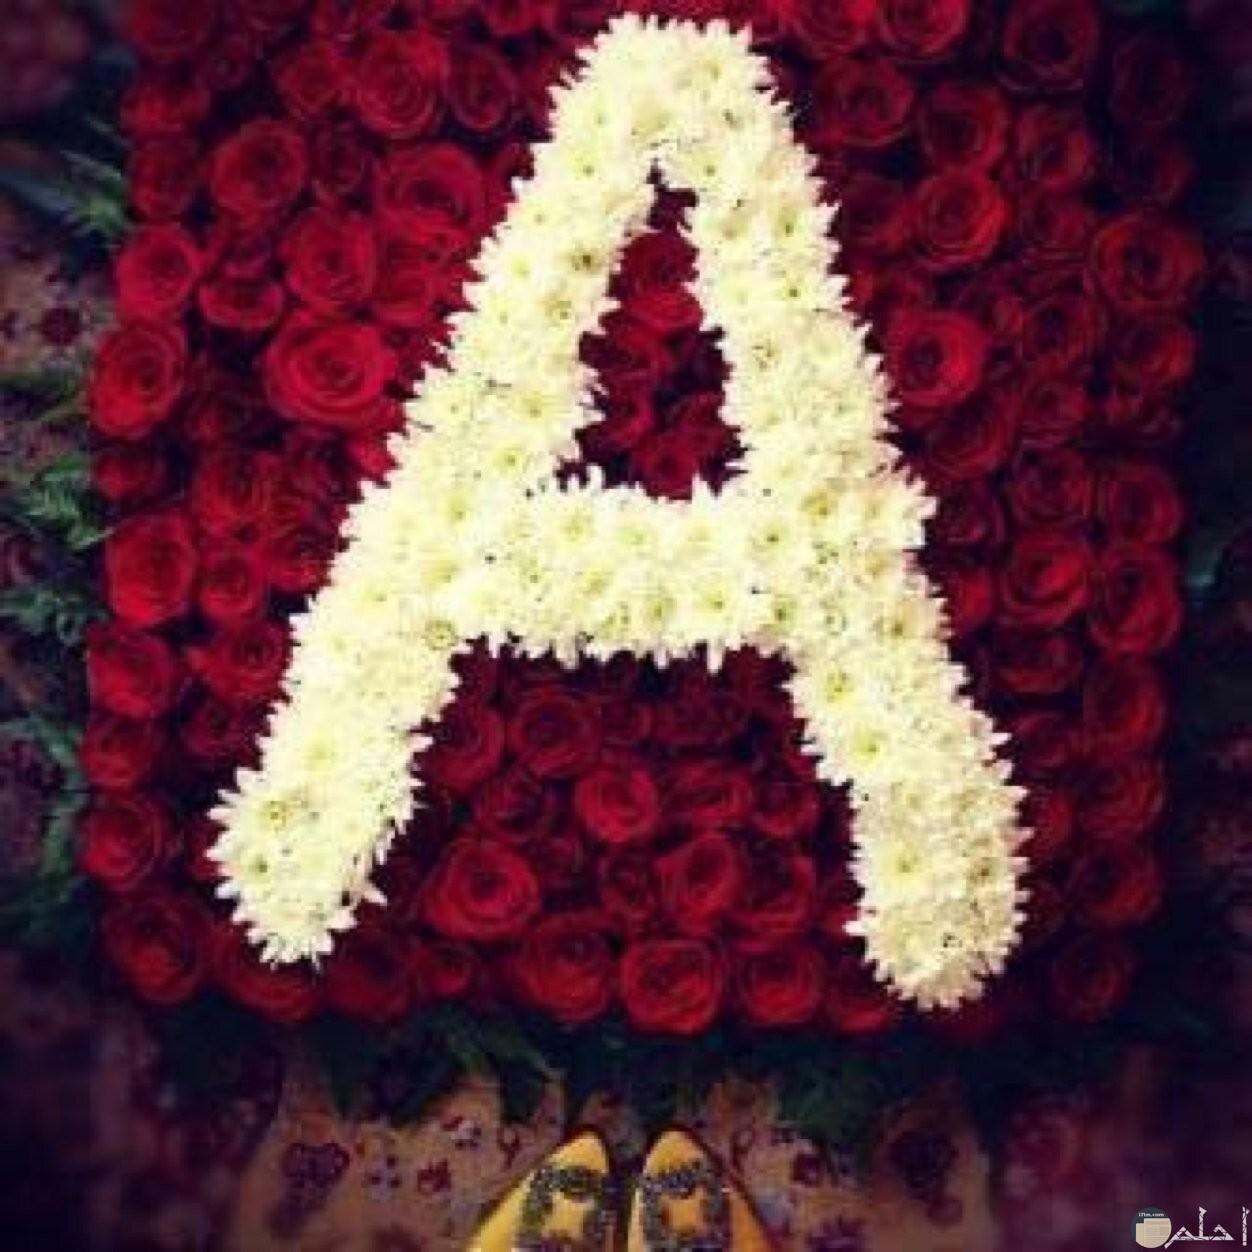 اجمل الصور عن حرف A مزخرفة ورائعة